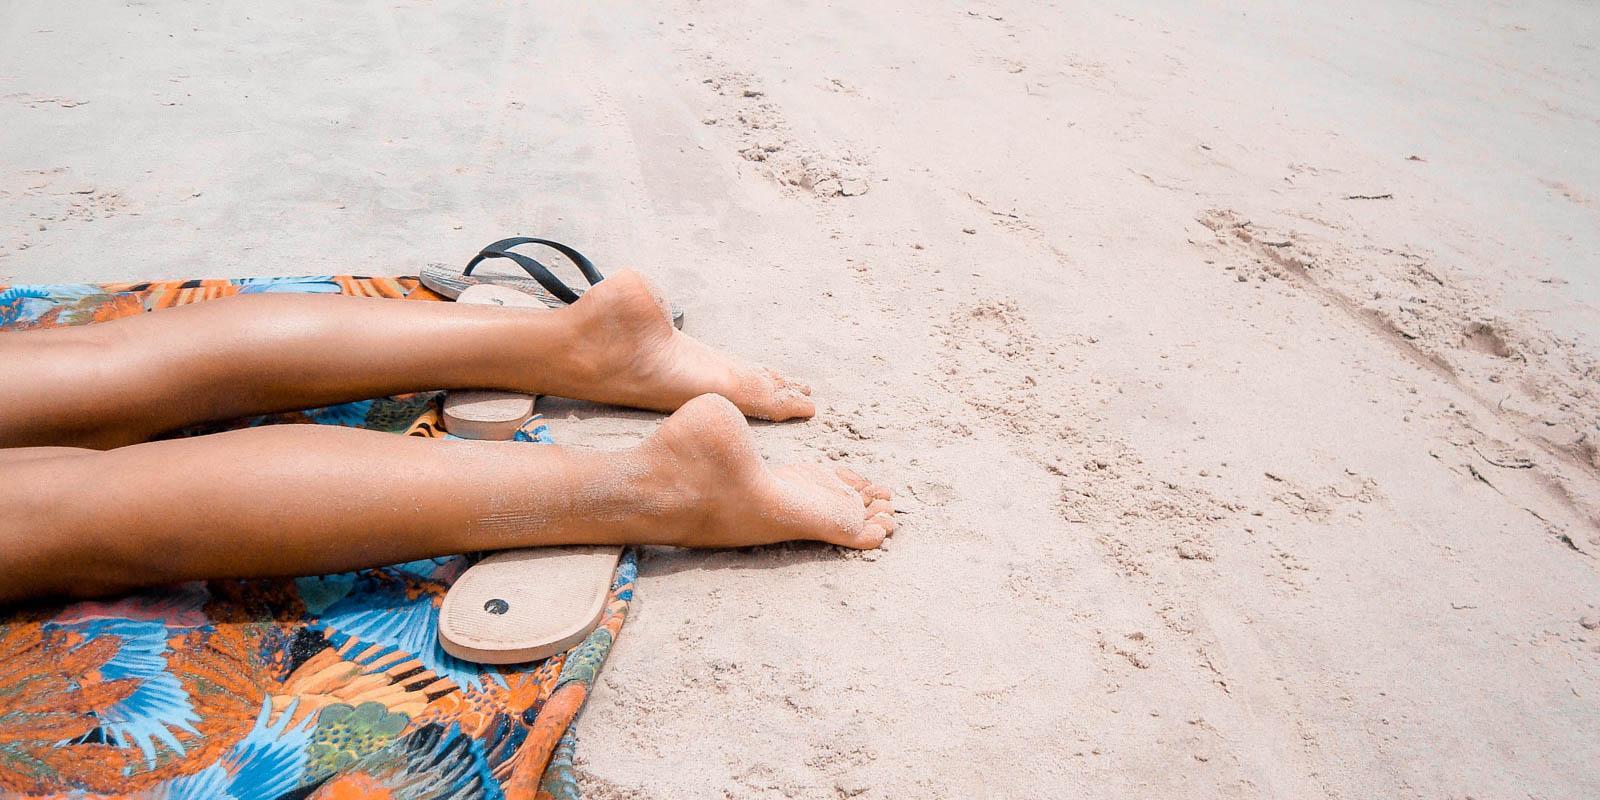 Opalování na pláži, opalování na sluníčku, pantofle, opalovačka, deka